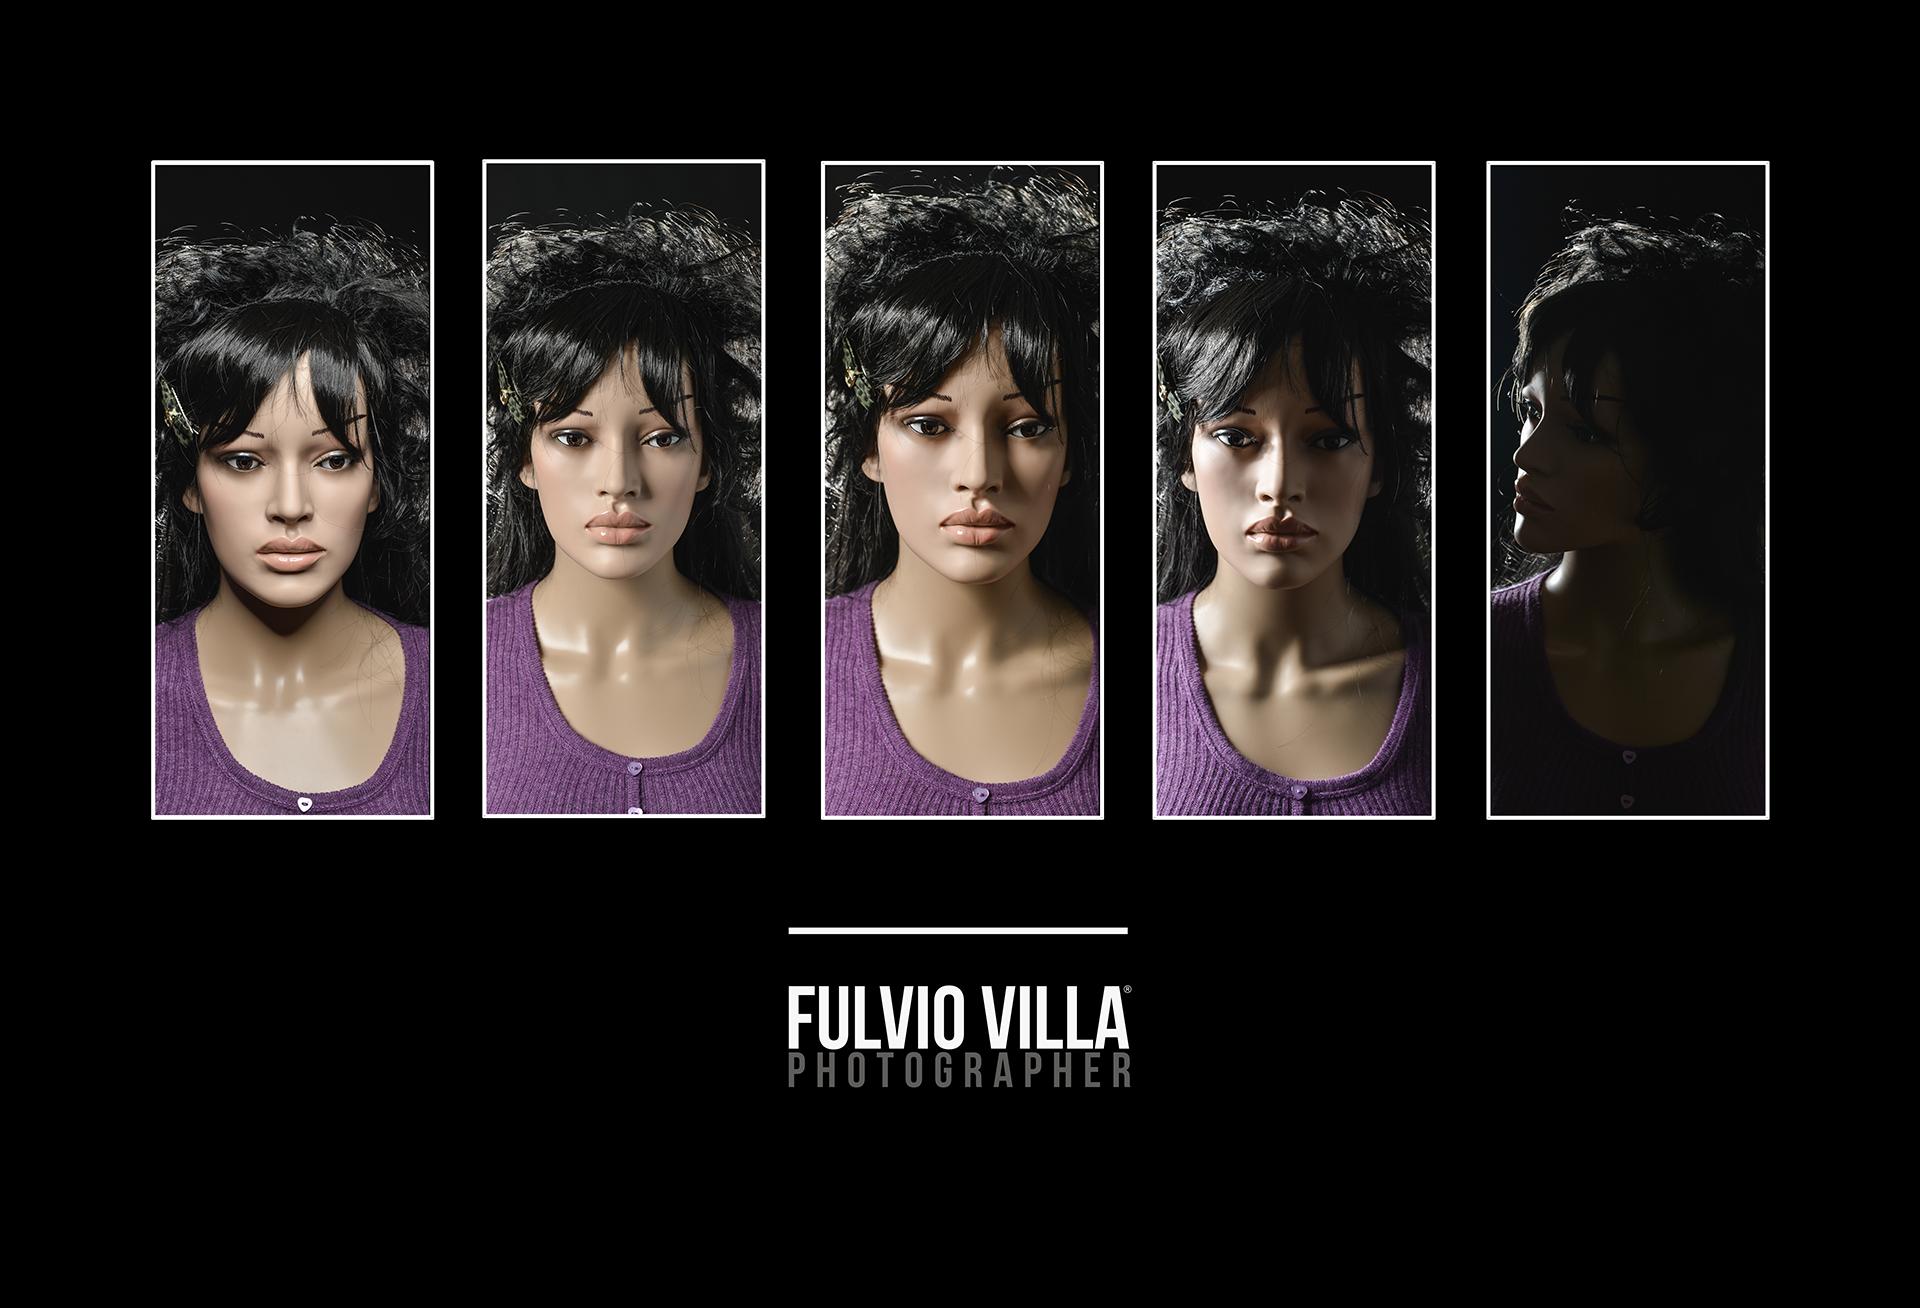 Principali schemi di luce per il fotografo ritrattista fulvio